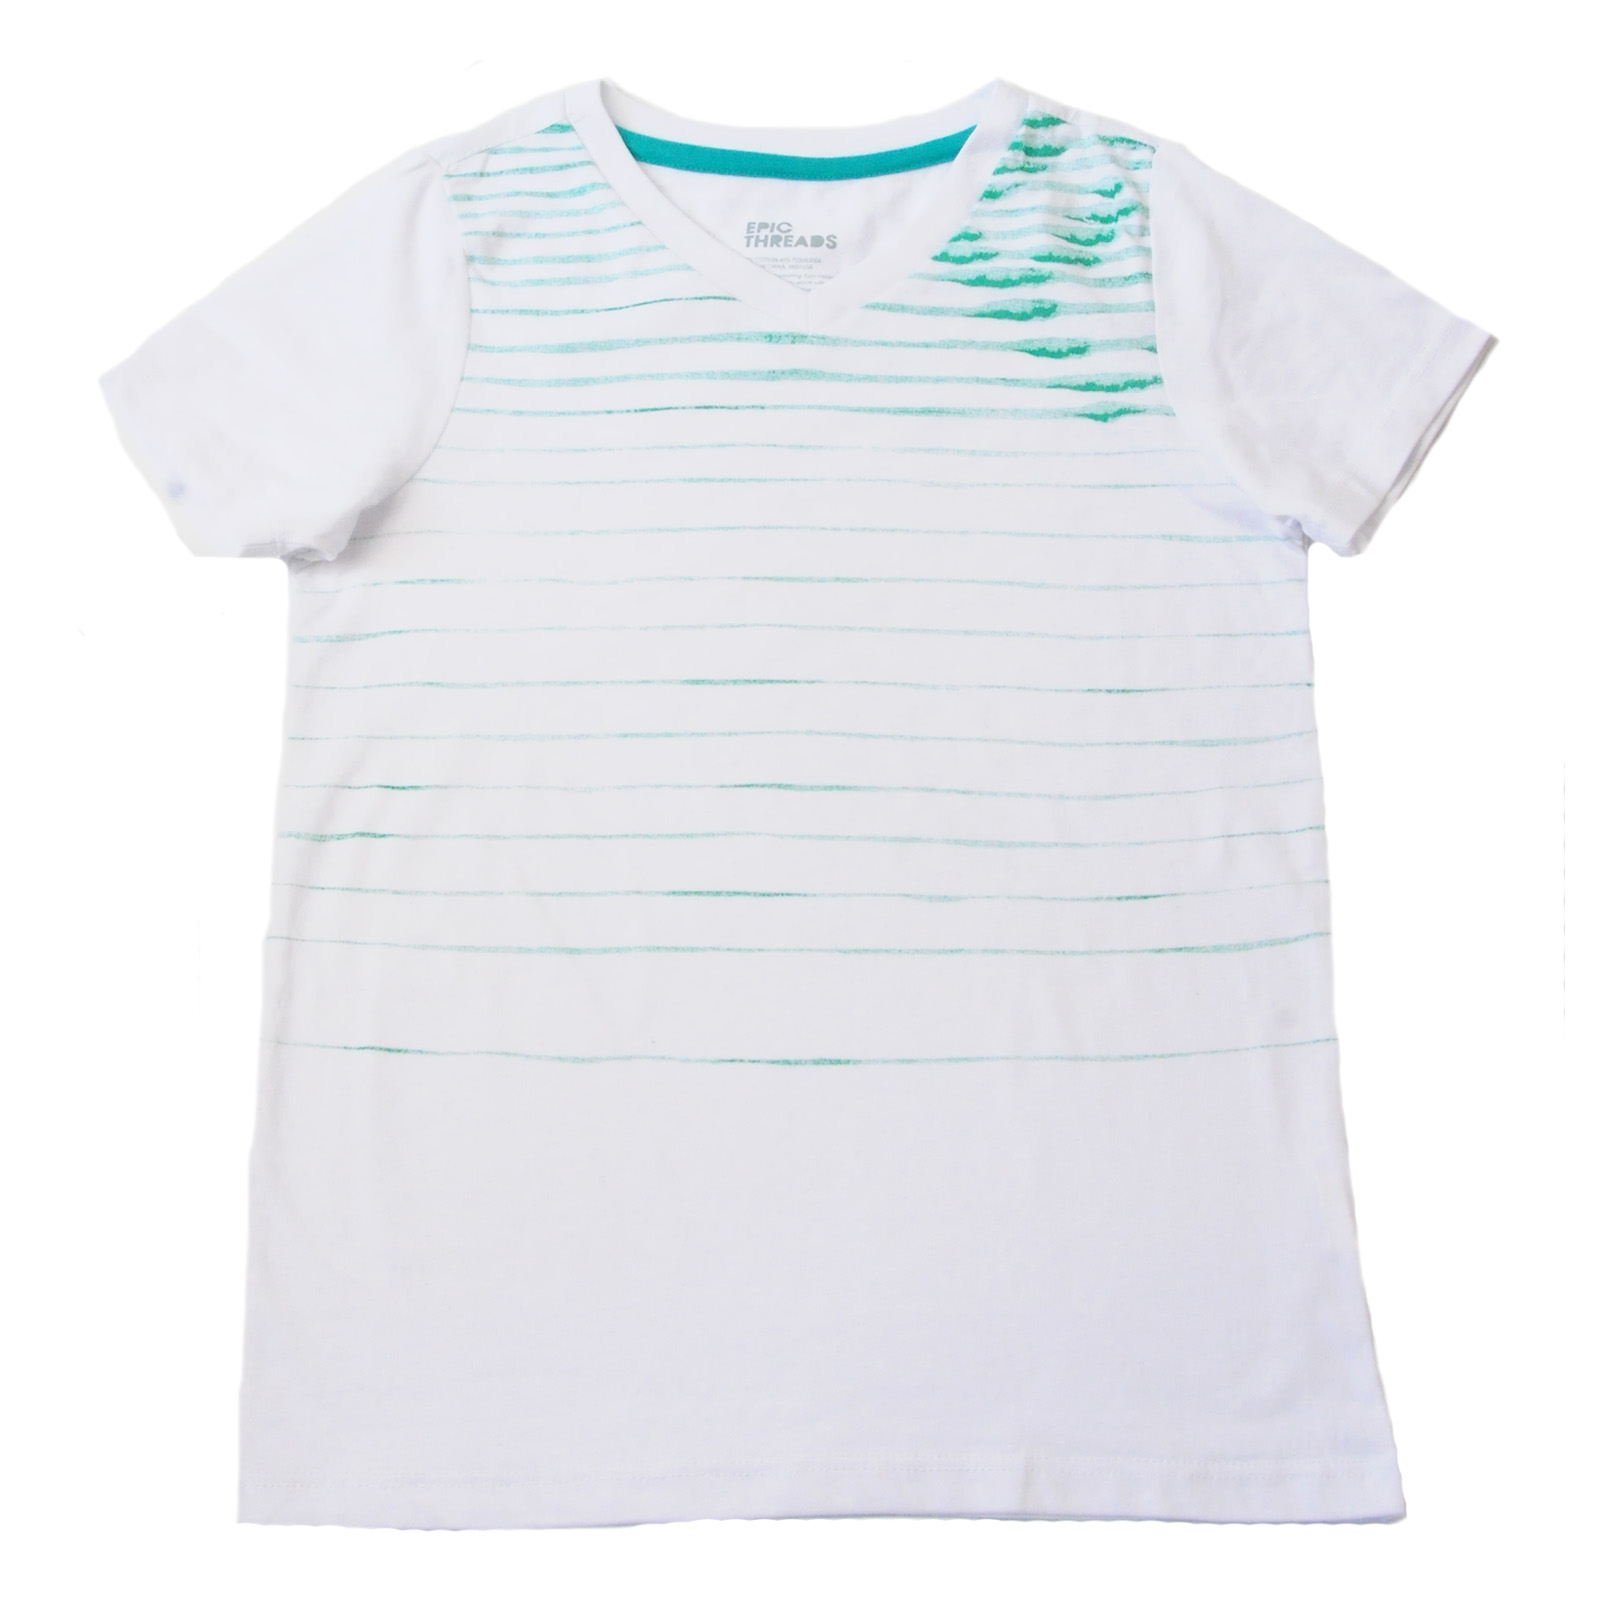 Детская футболка Epic Threads. Демисезонная модель для мальчиков и девочек. Веселенький дизайн, натуральный хлопок, приятный цвет и ГОРЯЧАЯ ЦЕНА! Успей купить, пока размеры не разобрали №Ж337